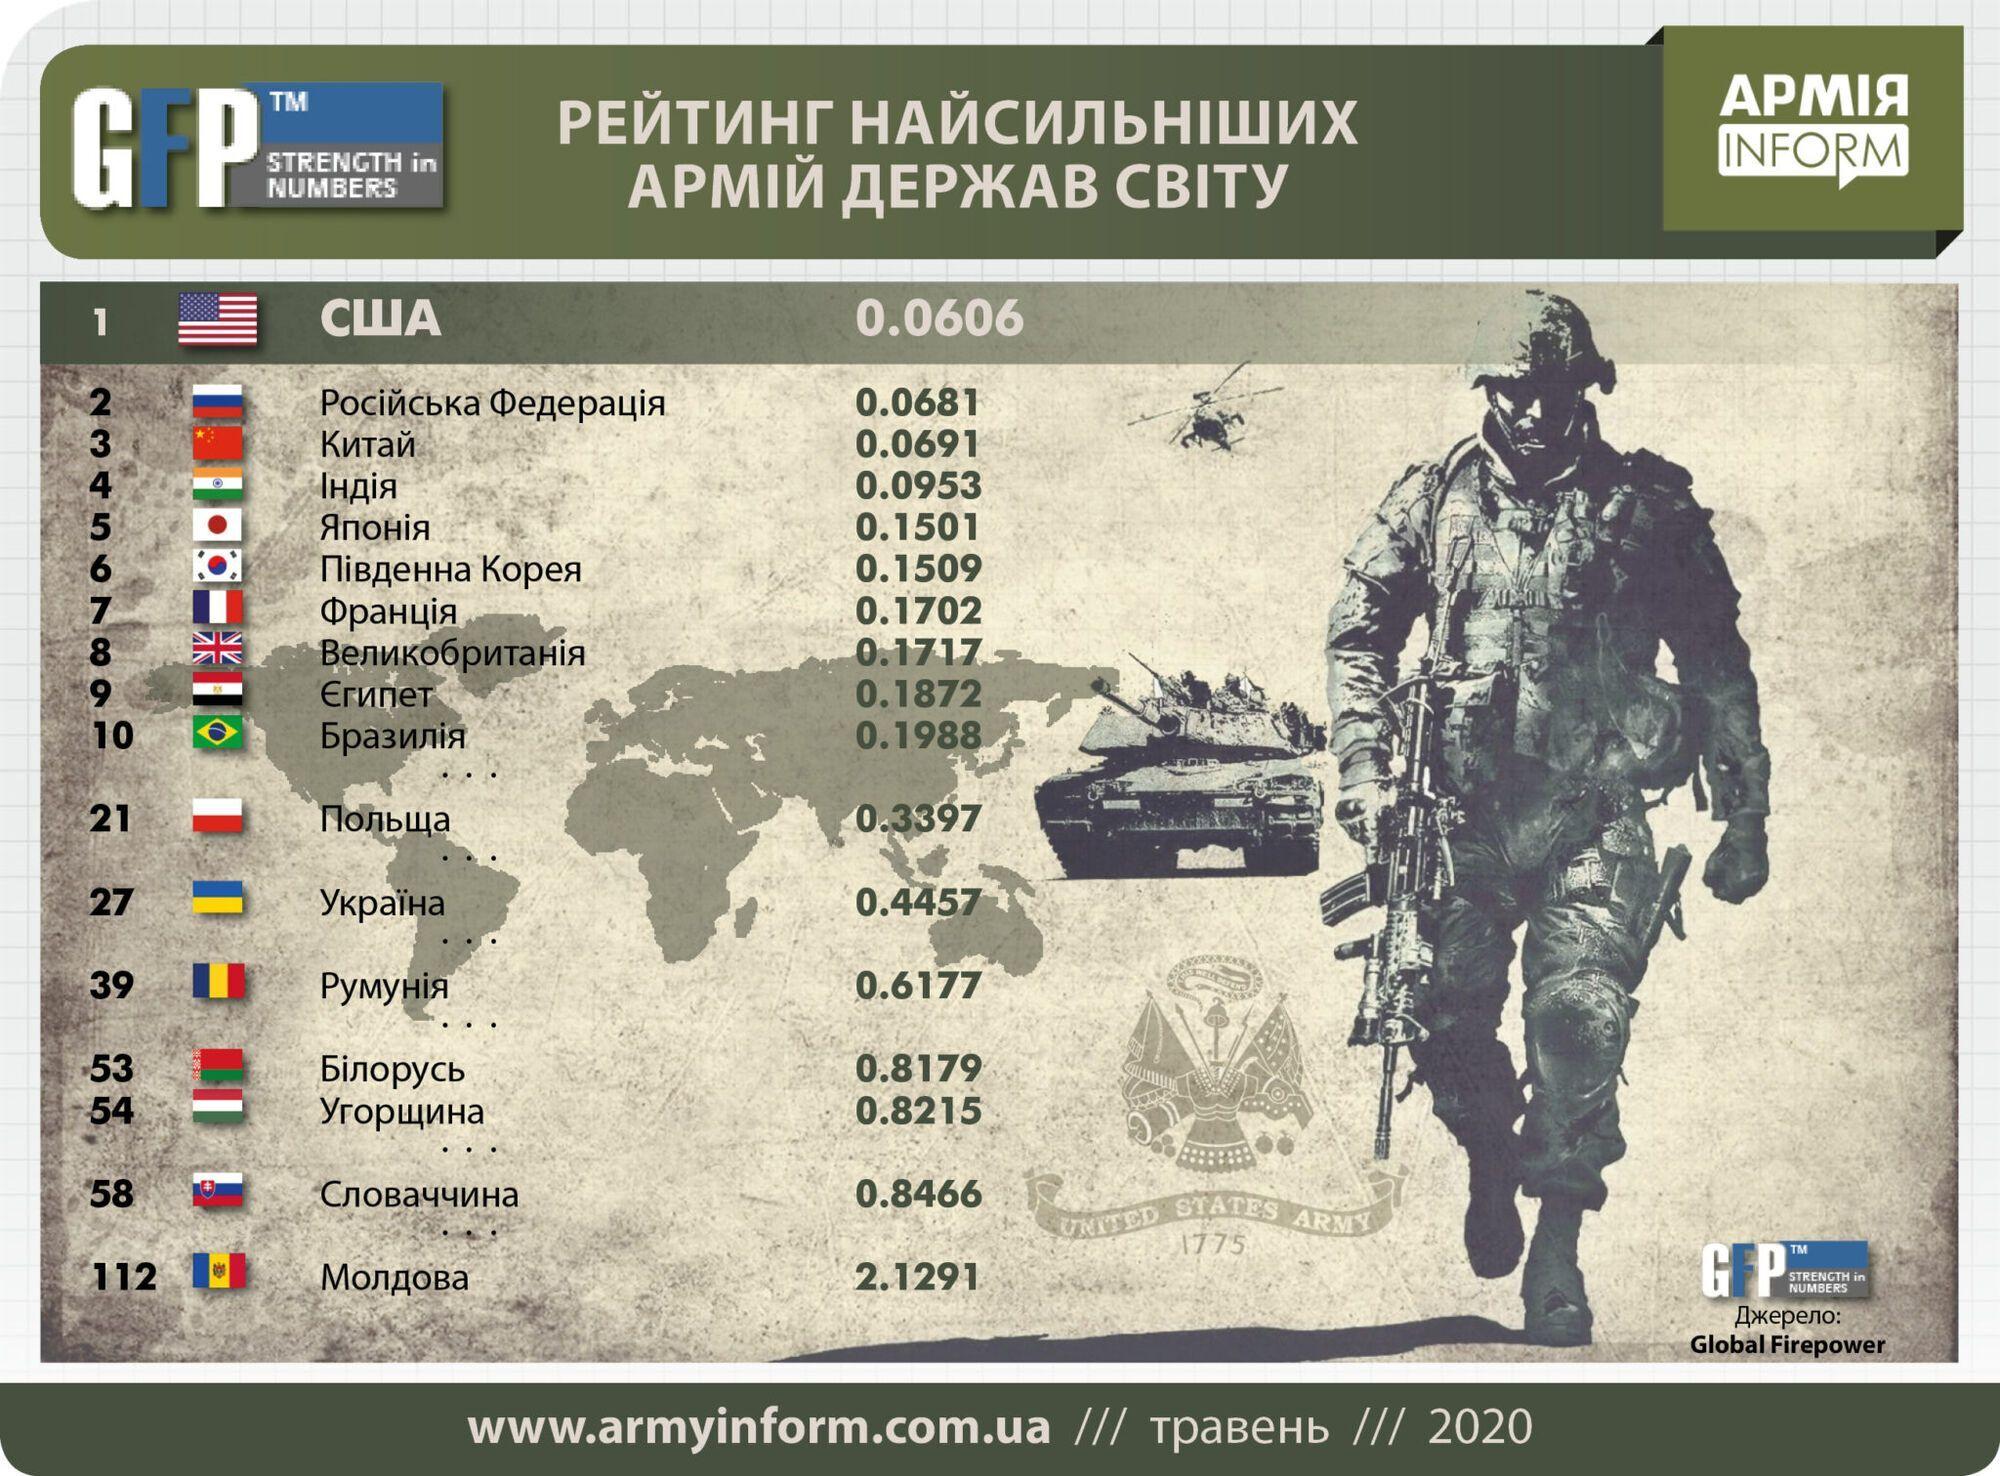 Рейтинг сильнейших армий стран мира.